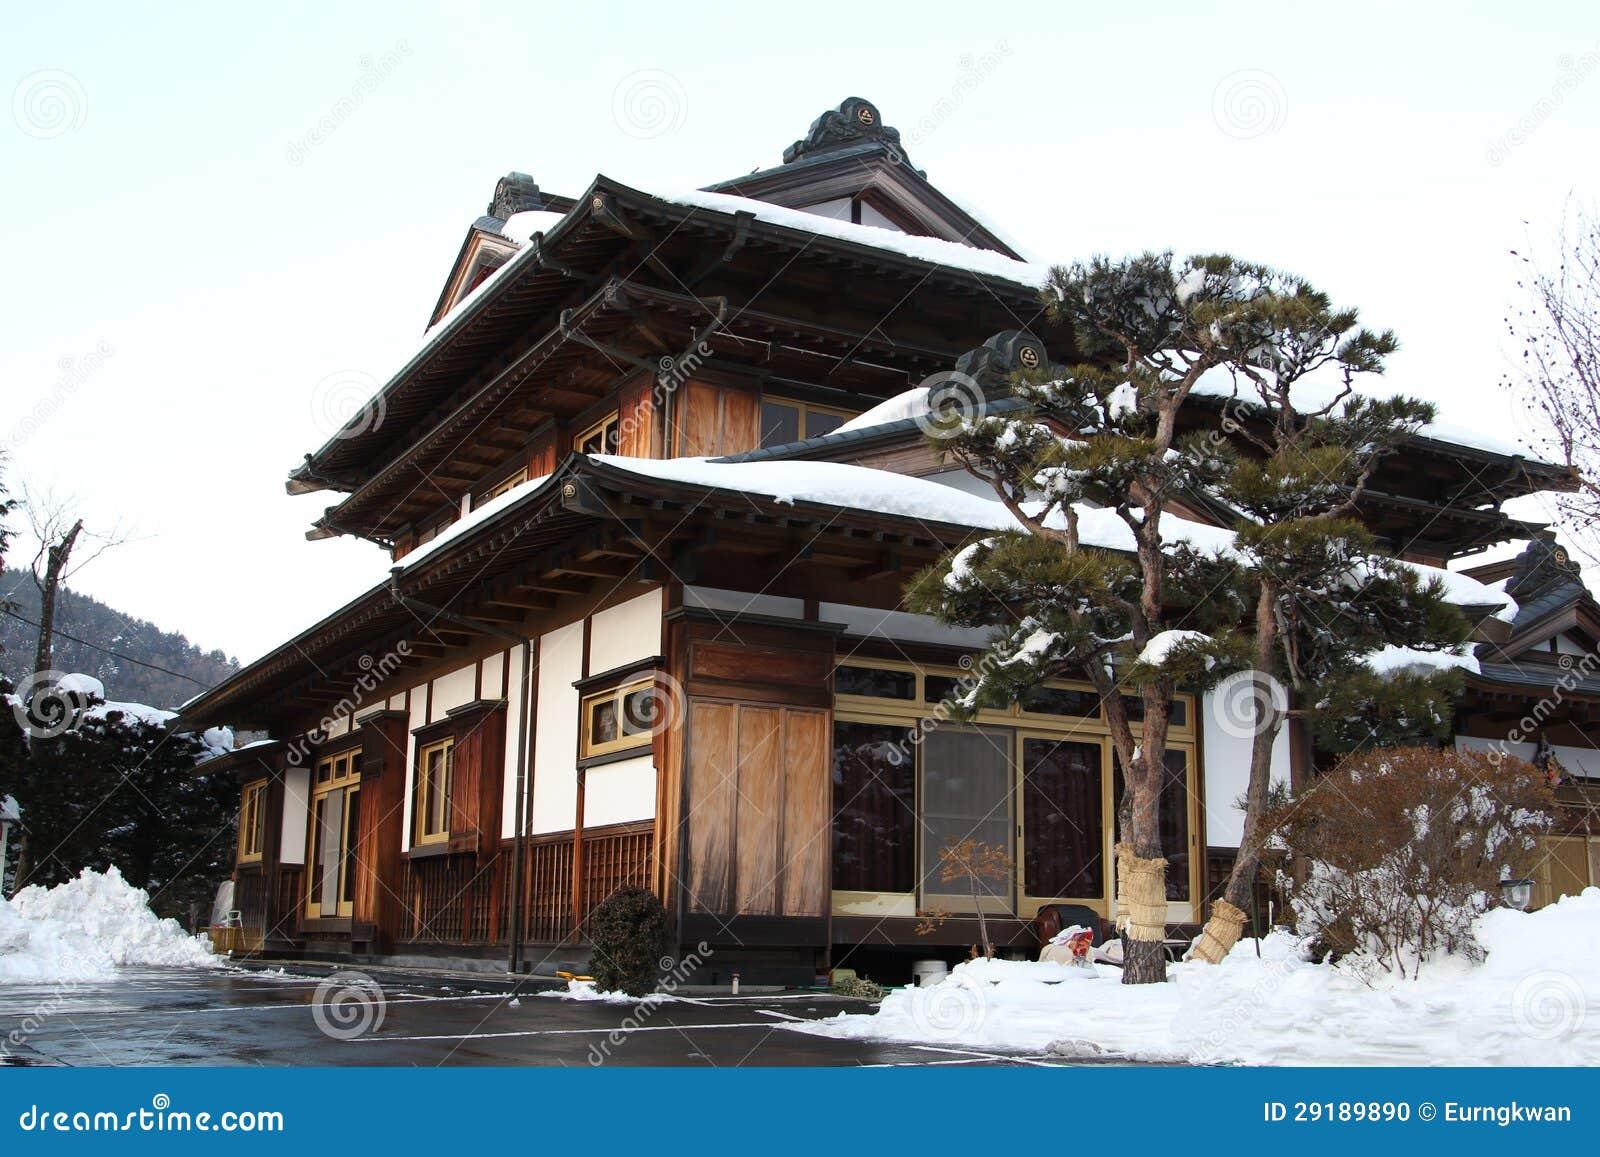 Casa japonesa tradicional foto de stock imagem 29189890 - Casa tradicional japonesa ...